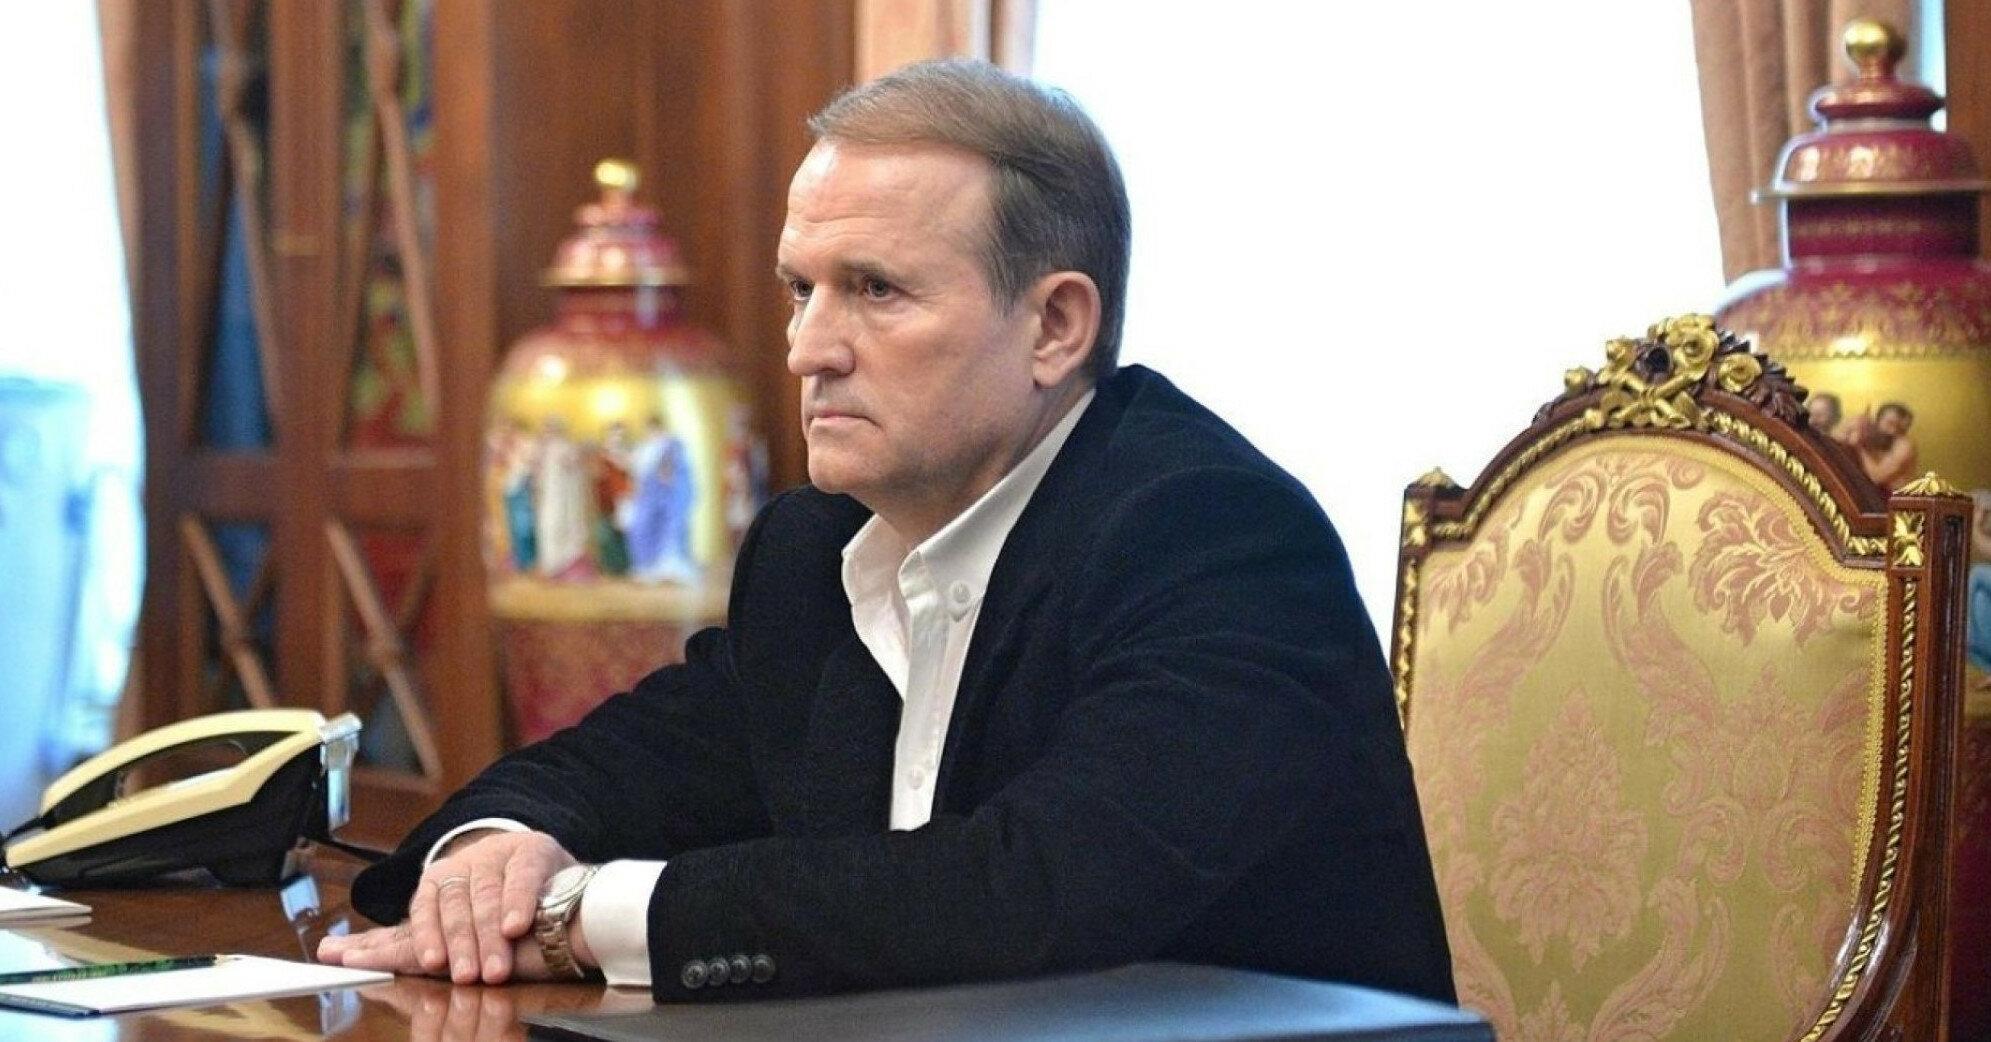 Генпрокуратура будет настаивать на продлении домашнего ареста Медведчука